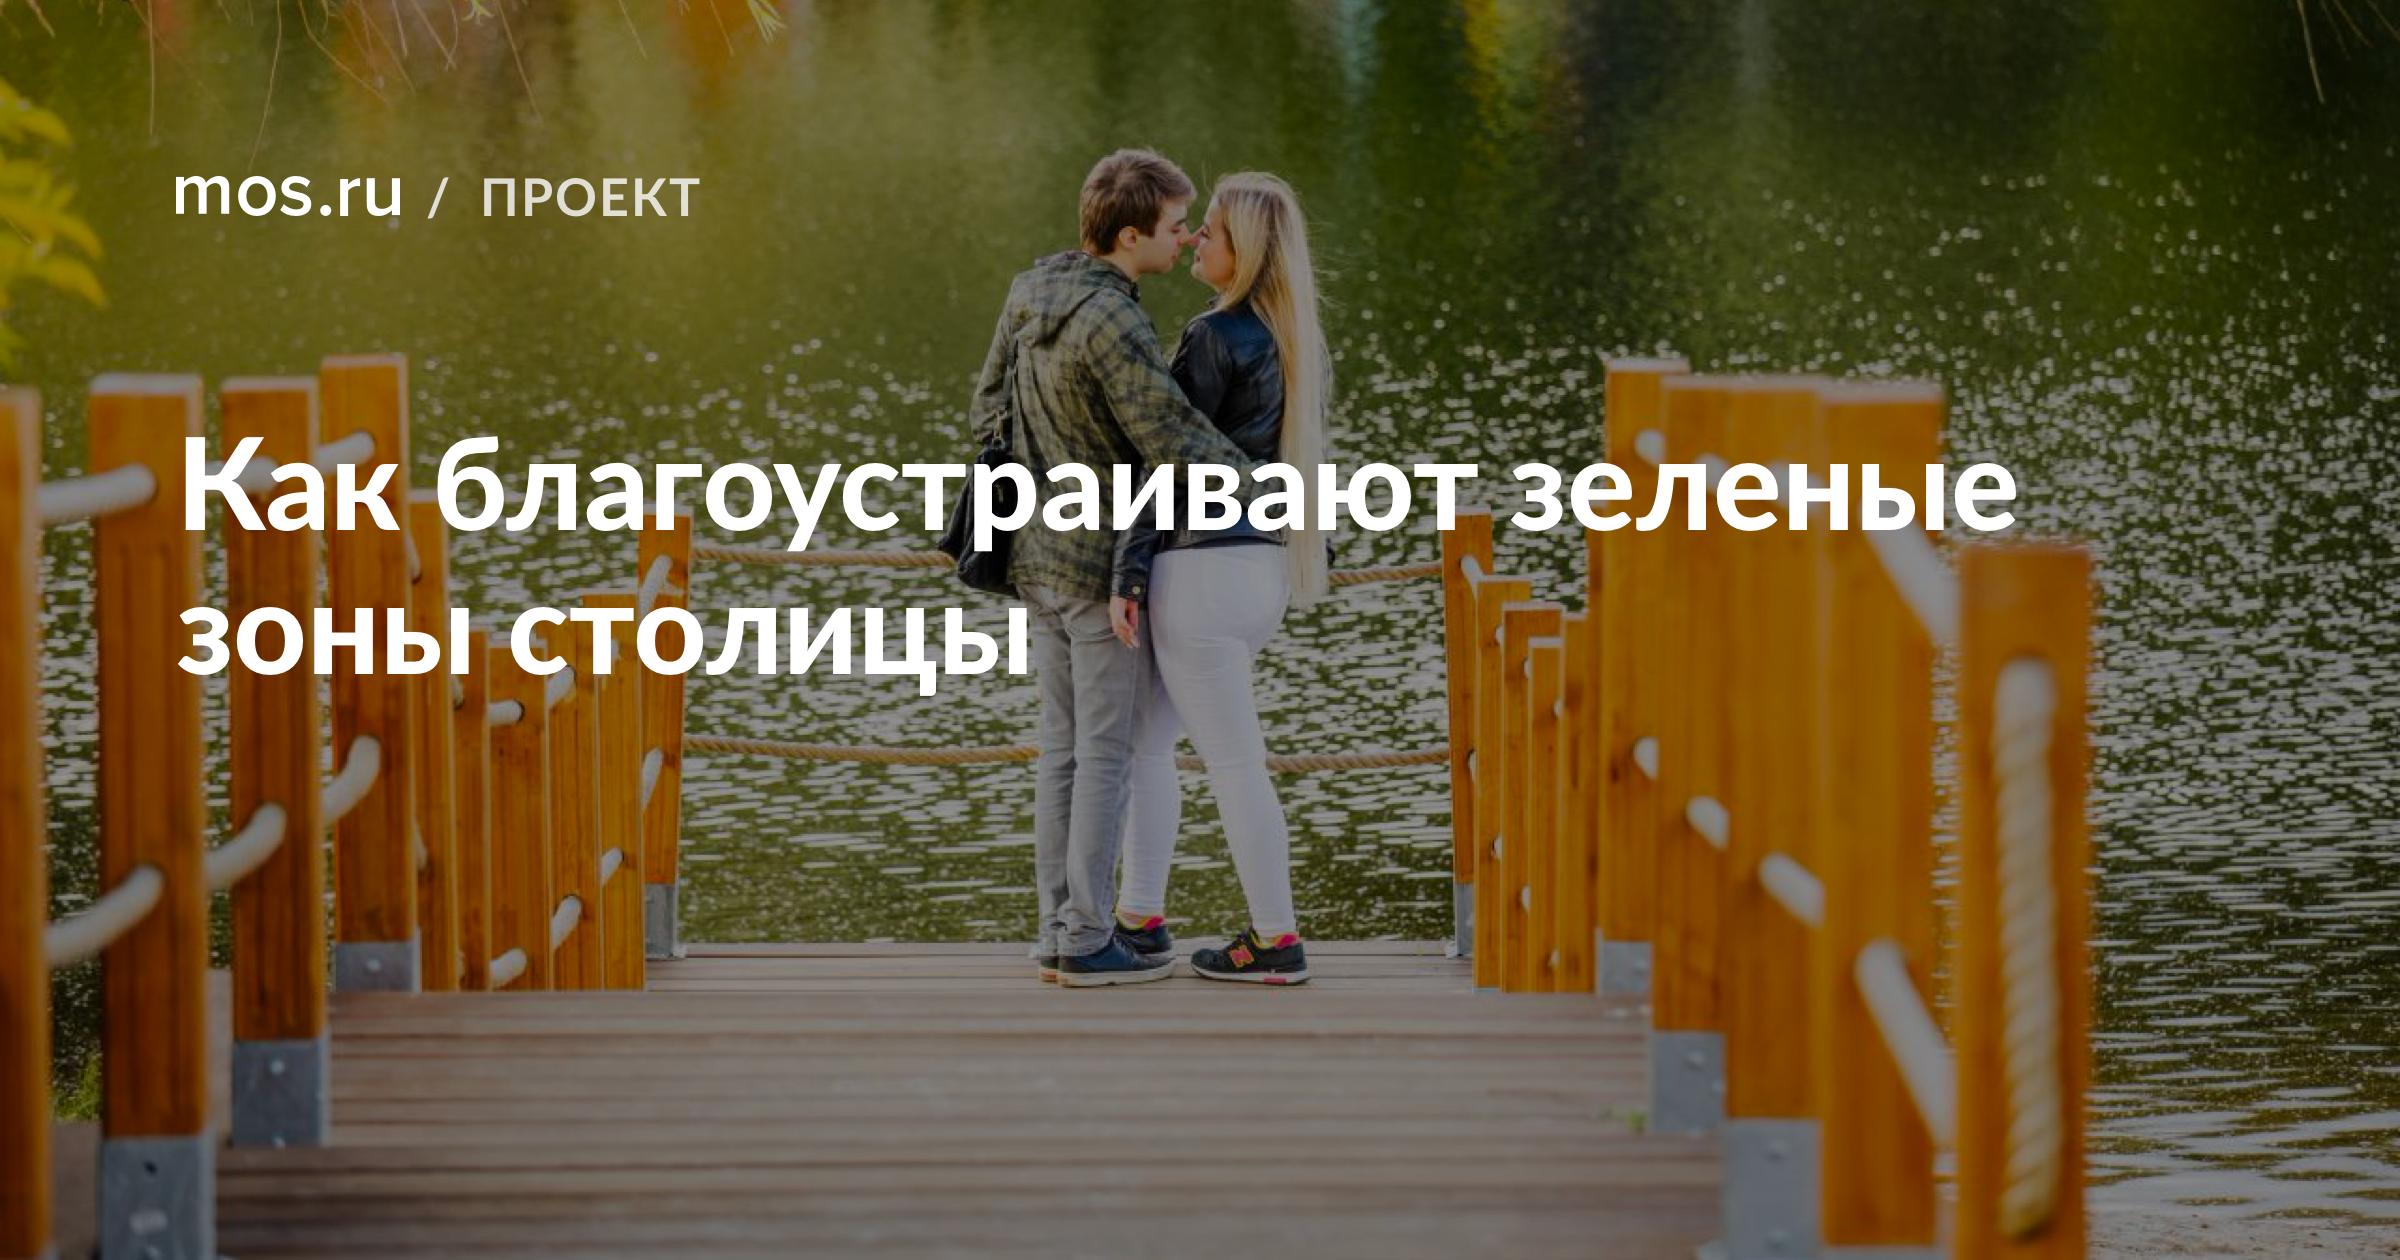 Зеленый парк в москве